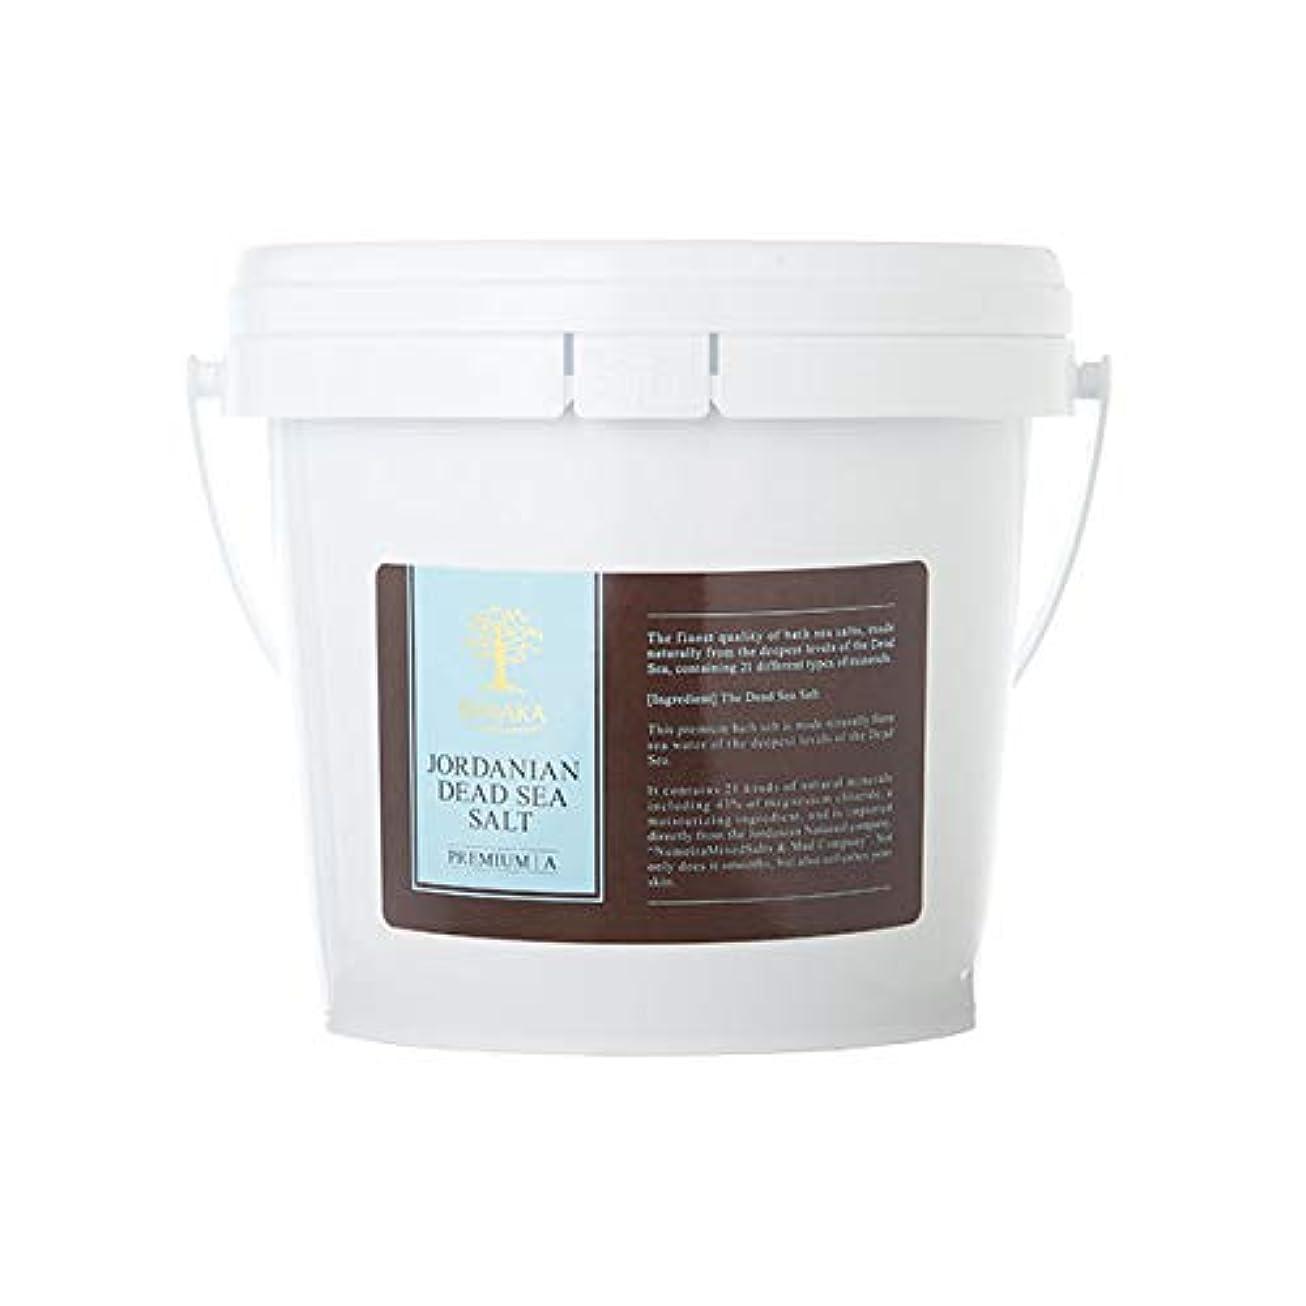 項目男やもめ動員するBARAKA(バラカ) ジョルダニアン デッドシー ソルト バケツ 1.5kg バスソルト 入浴剤 ヨルダン産死海塩100%